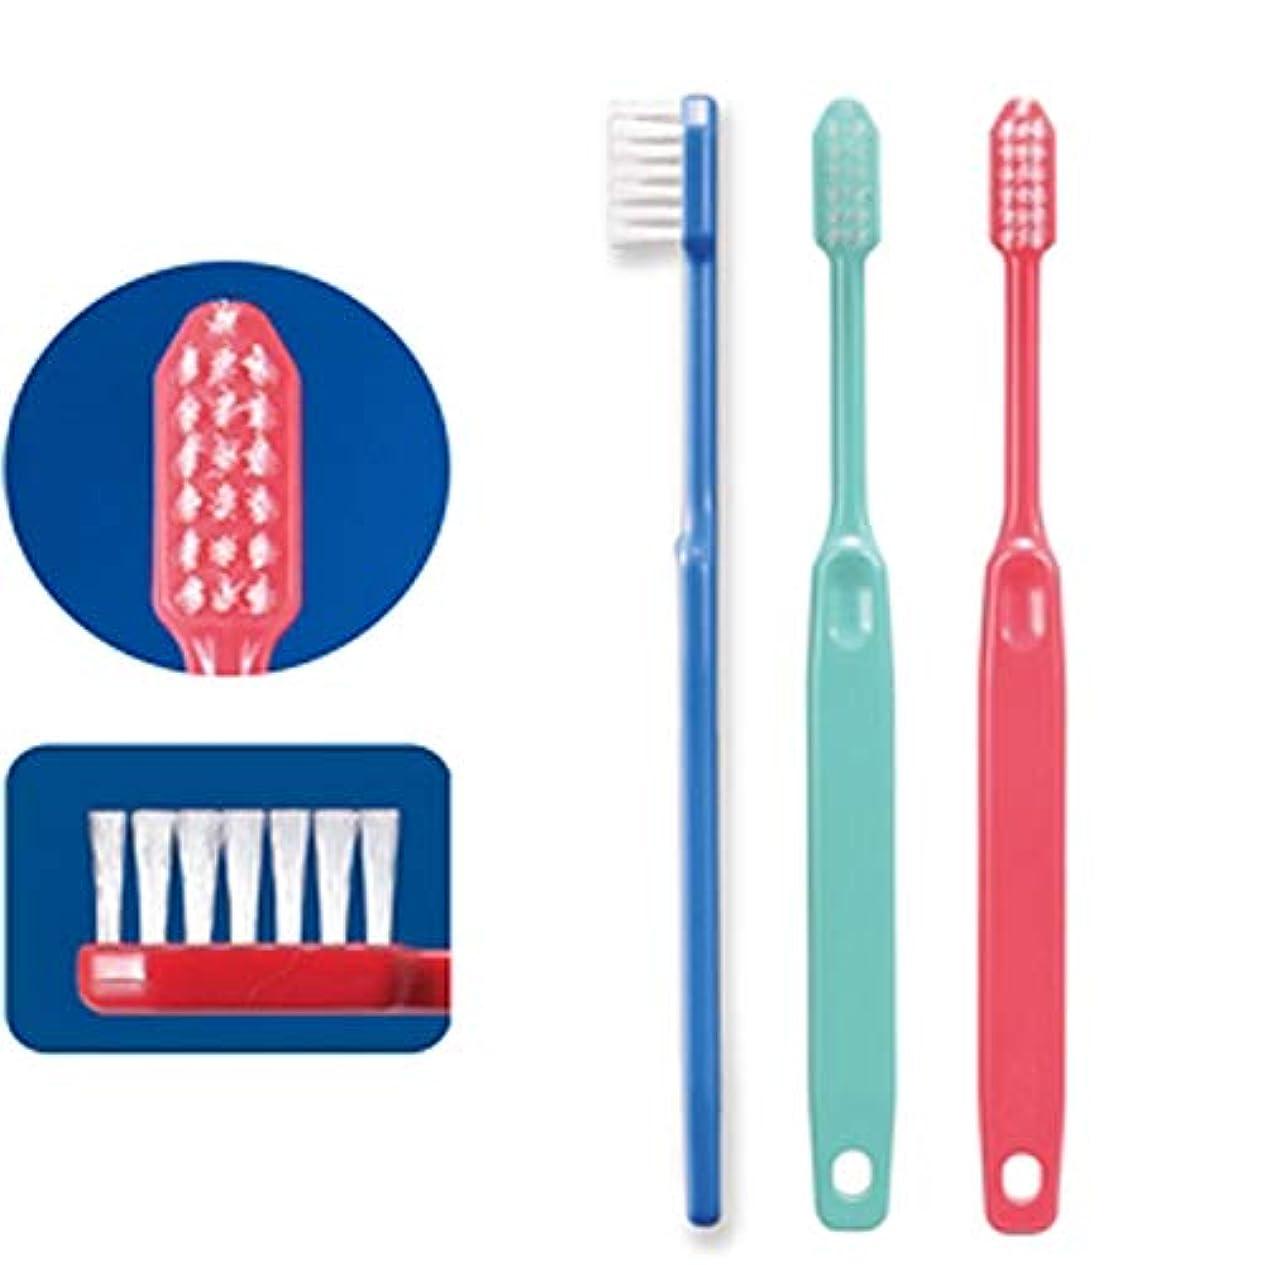 治すロバなしでCi23(やややわらかめ)(疎毛タイプ)コンパクトヘッド歯ブラシ×10本 歯科専用